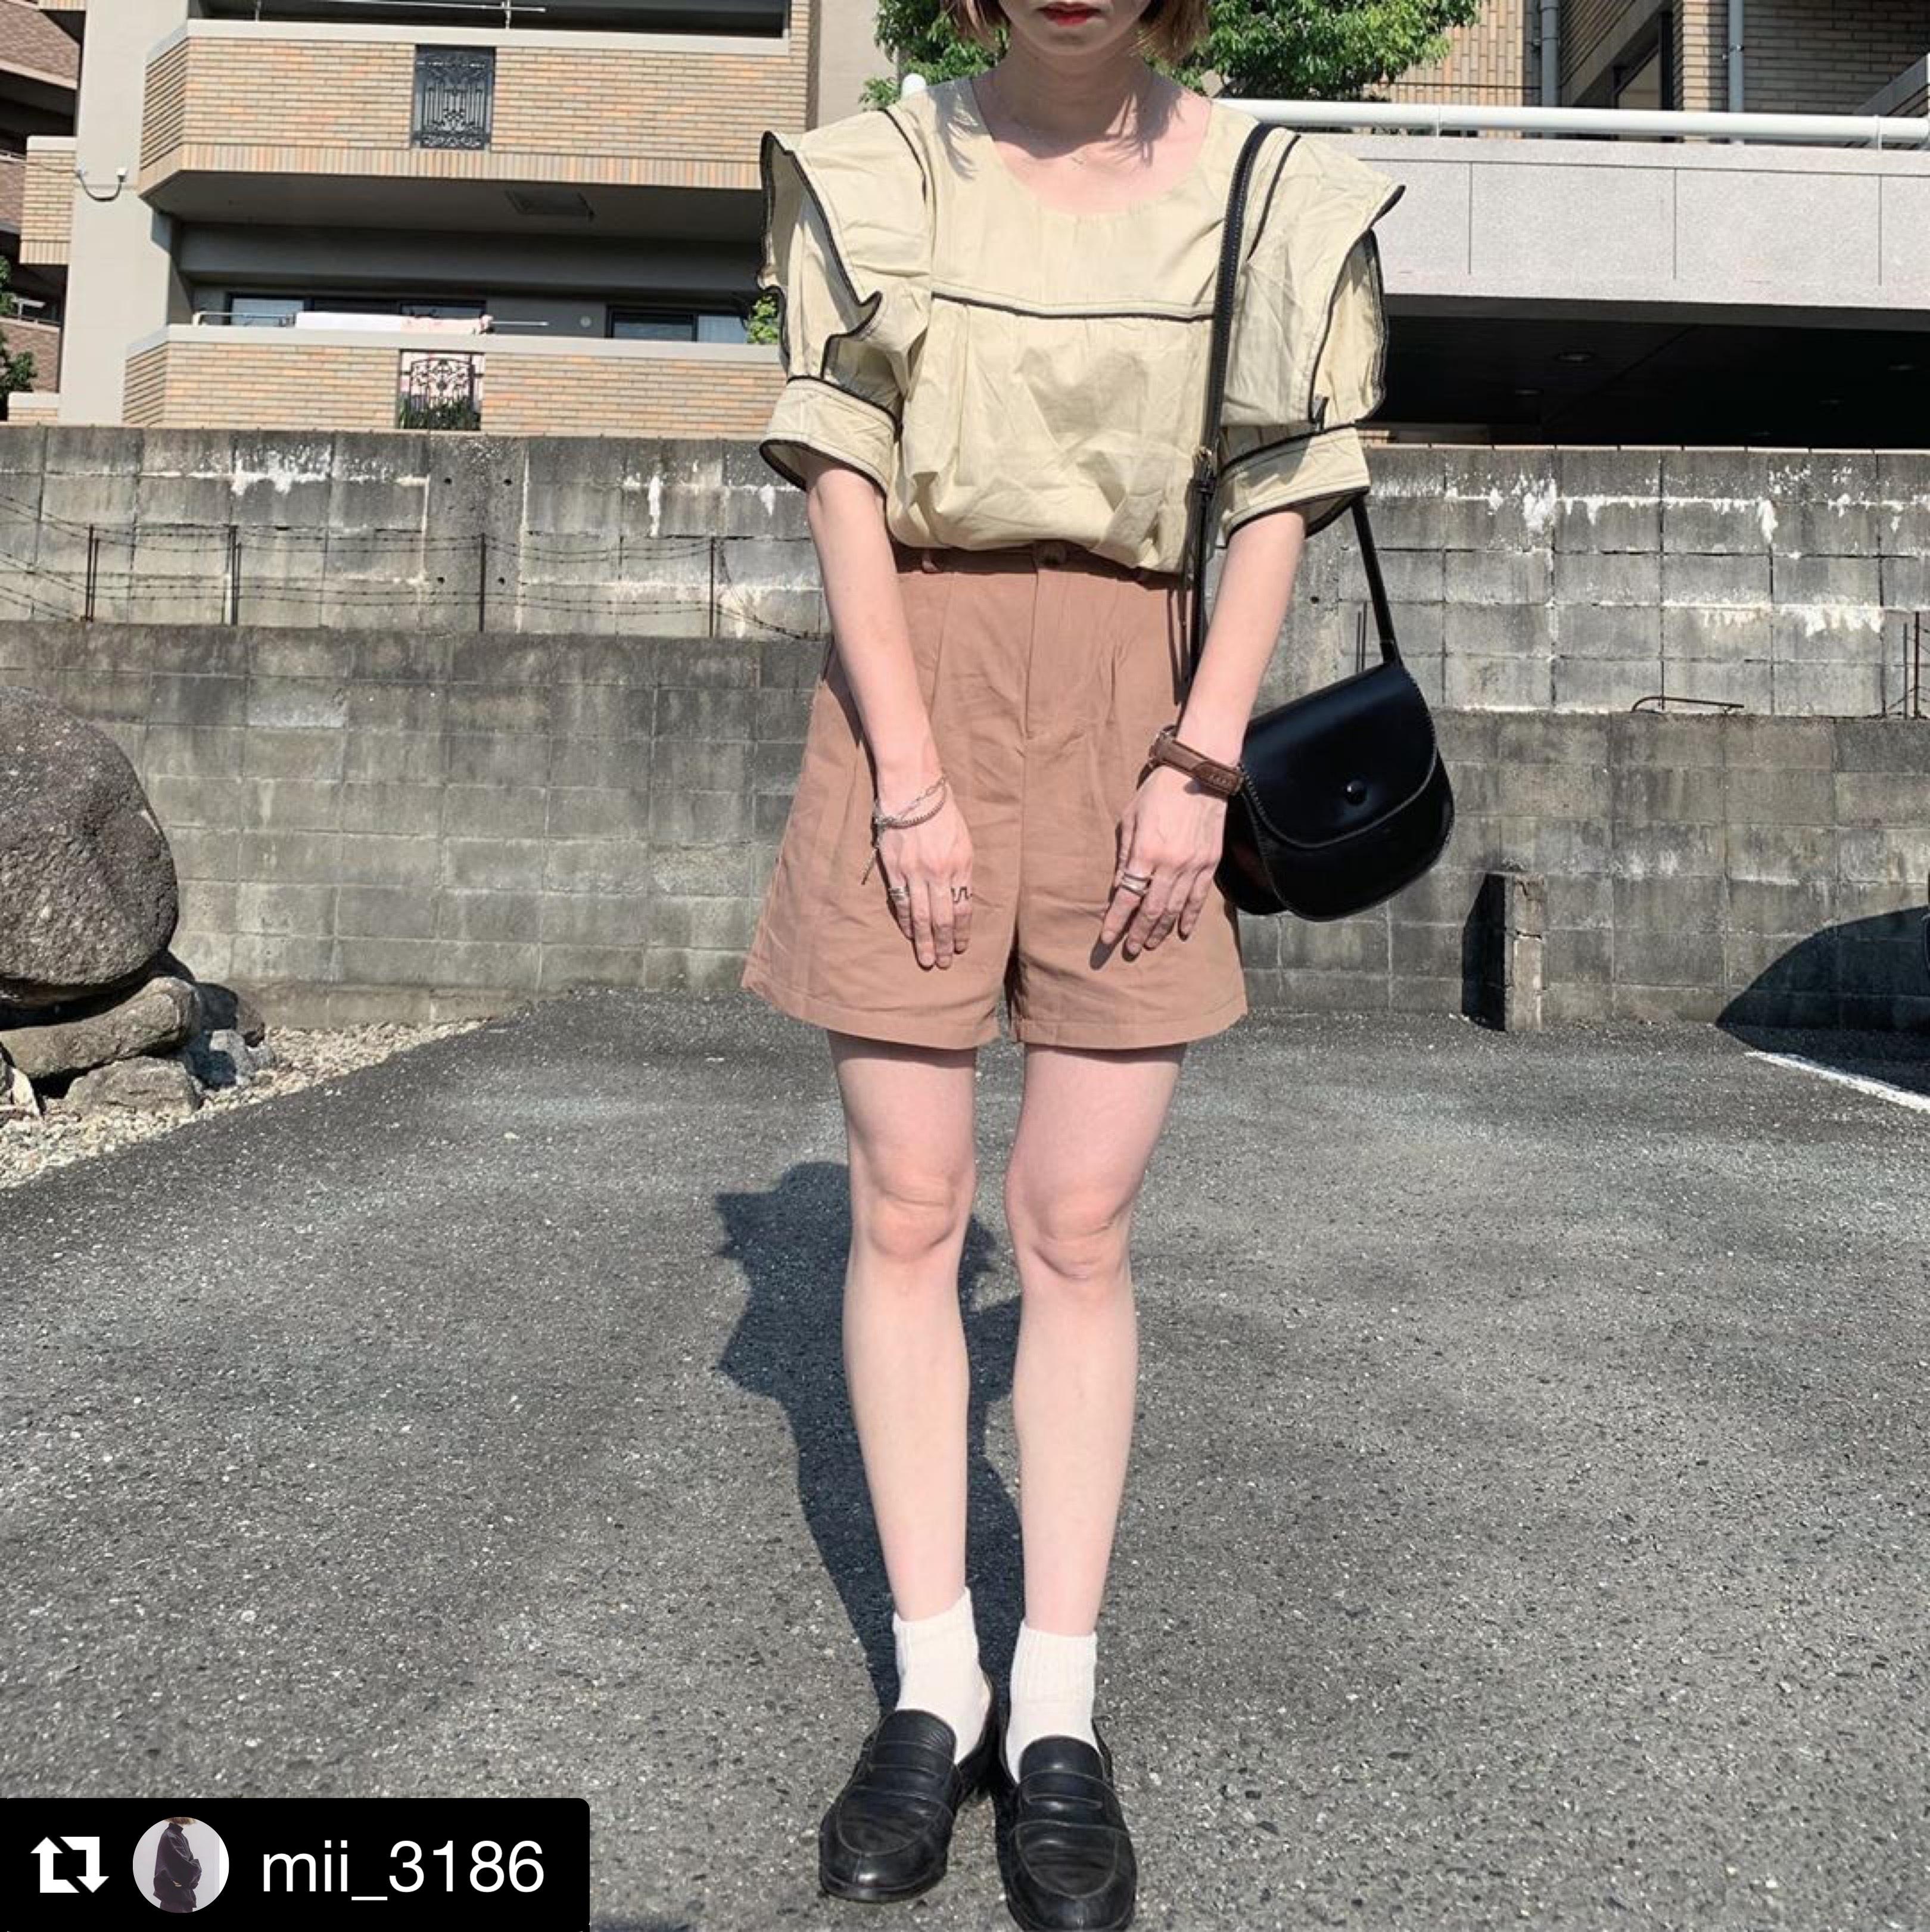 【送料無料】 女っぽカジュアル♡ 大人可愛い きれいめ ブラウス ショートパンツ 2点セット ワントーンコーデ